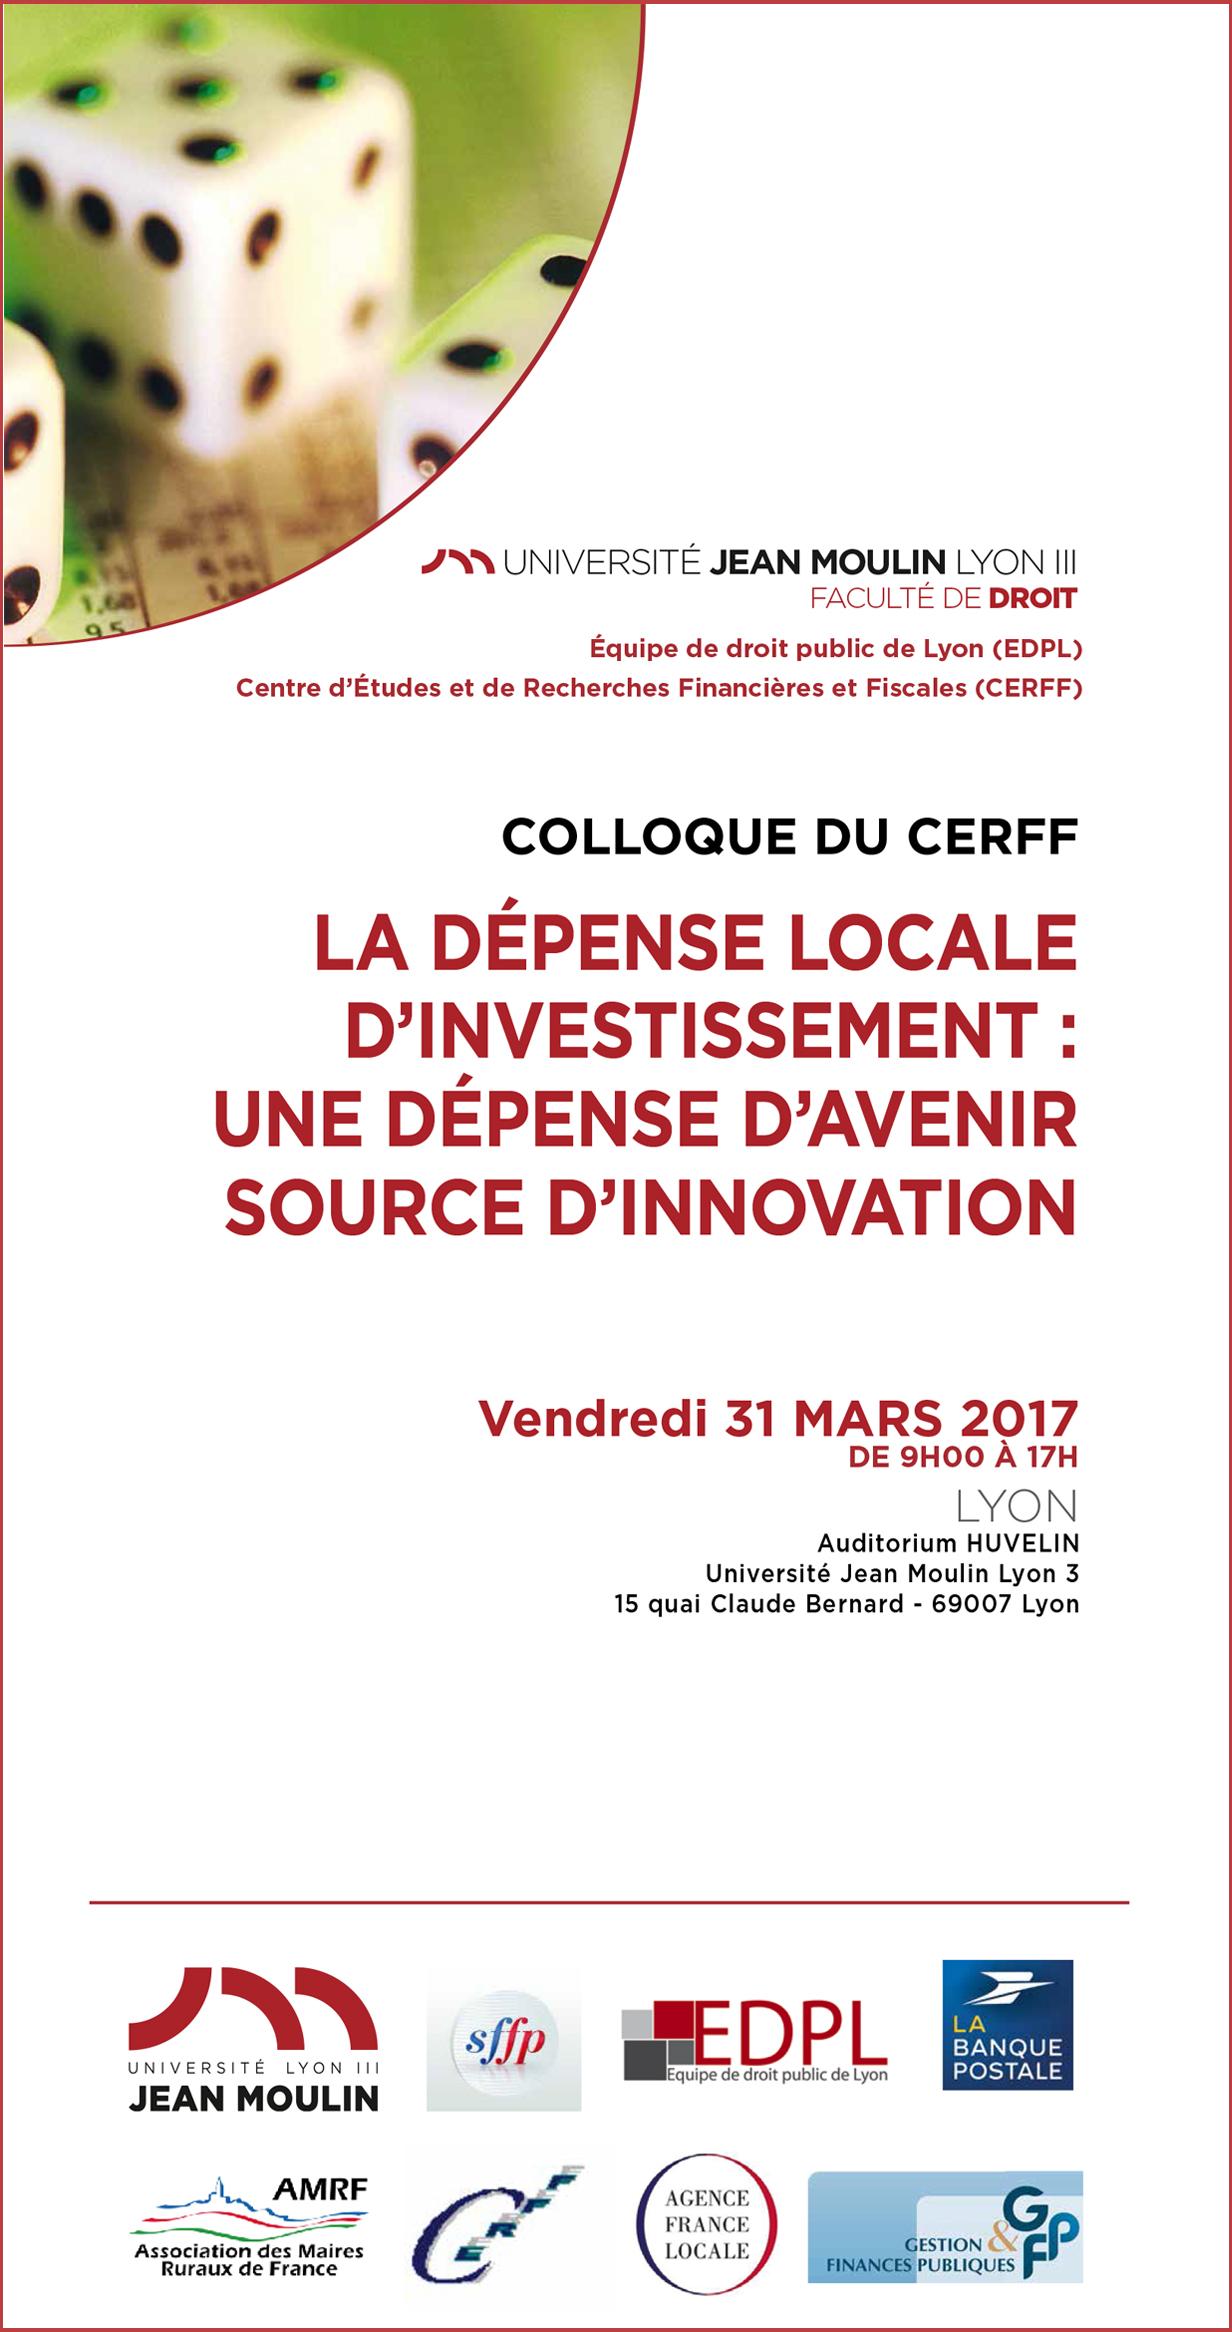 Affiche CERFF 31 mars 2017